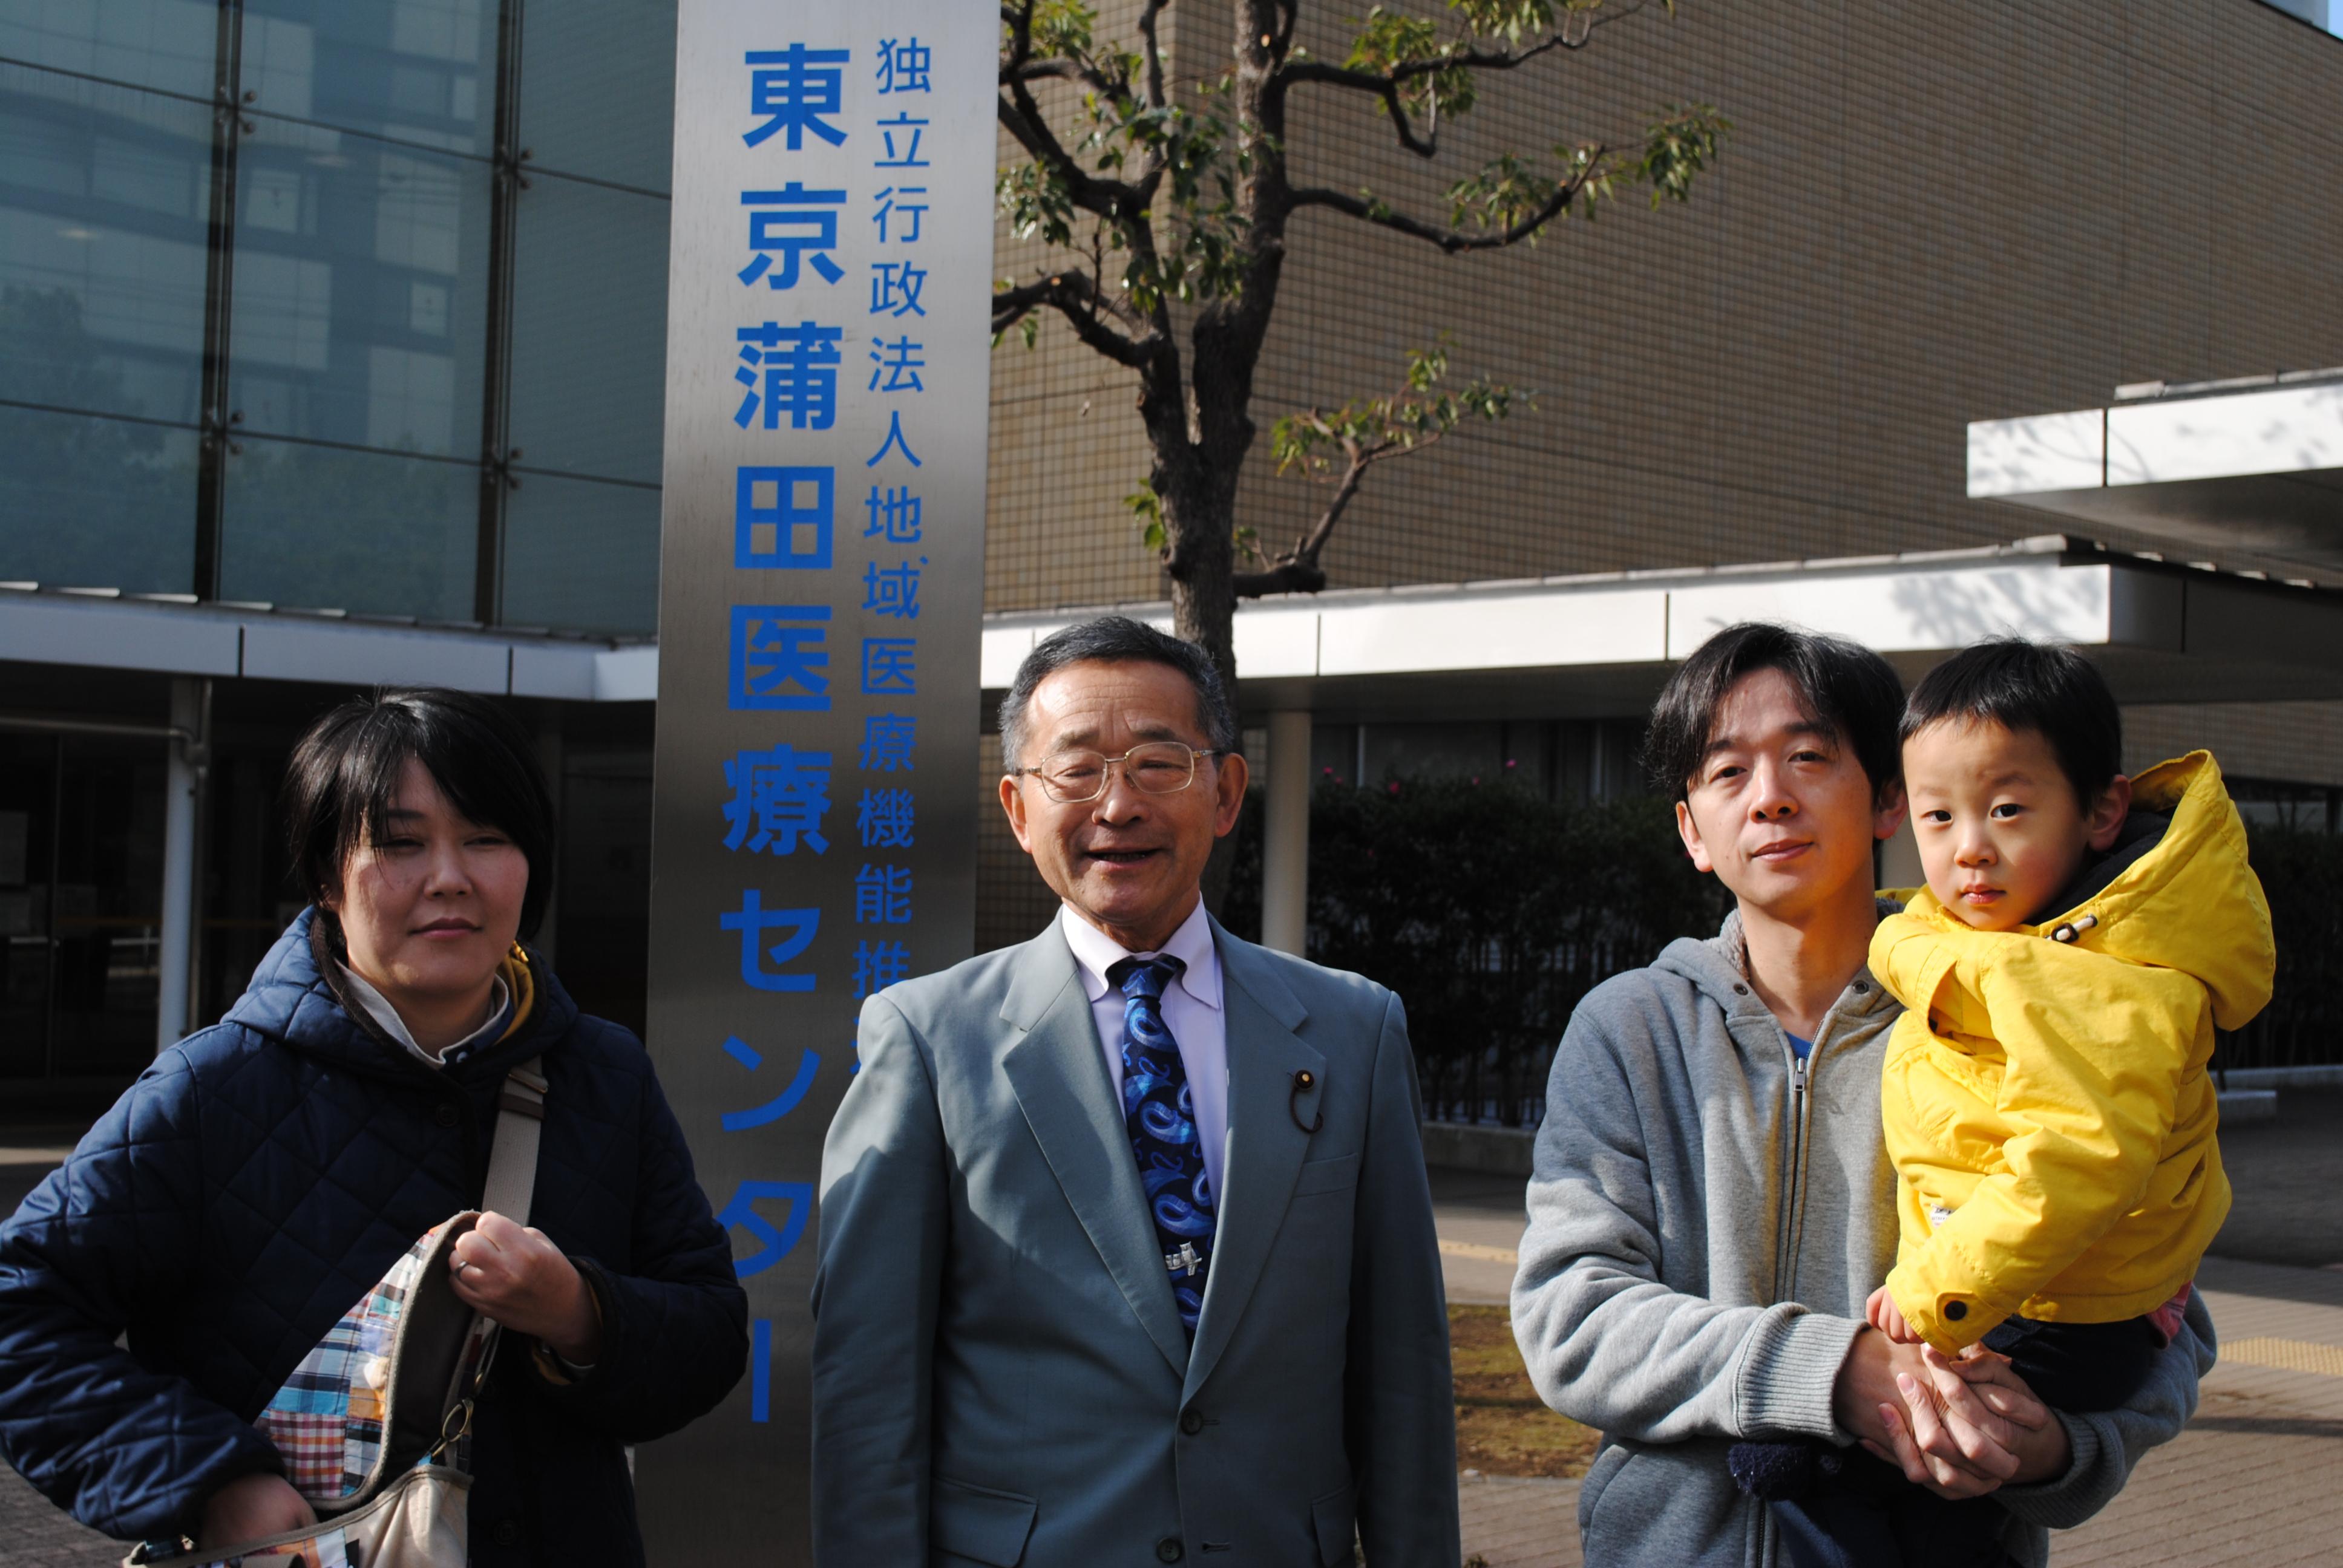 蒲田総合病院の存続と分娩再開